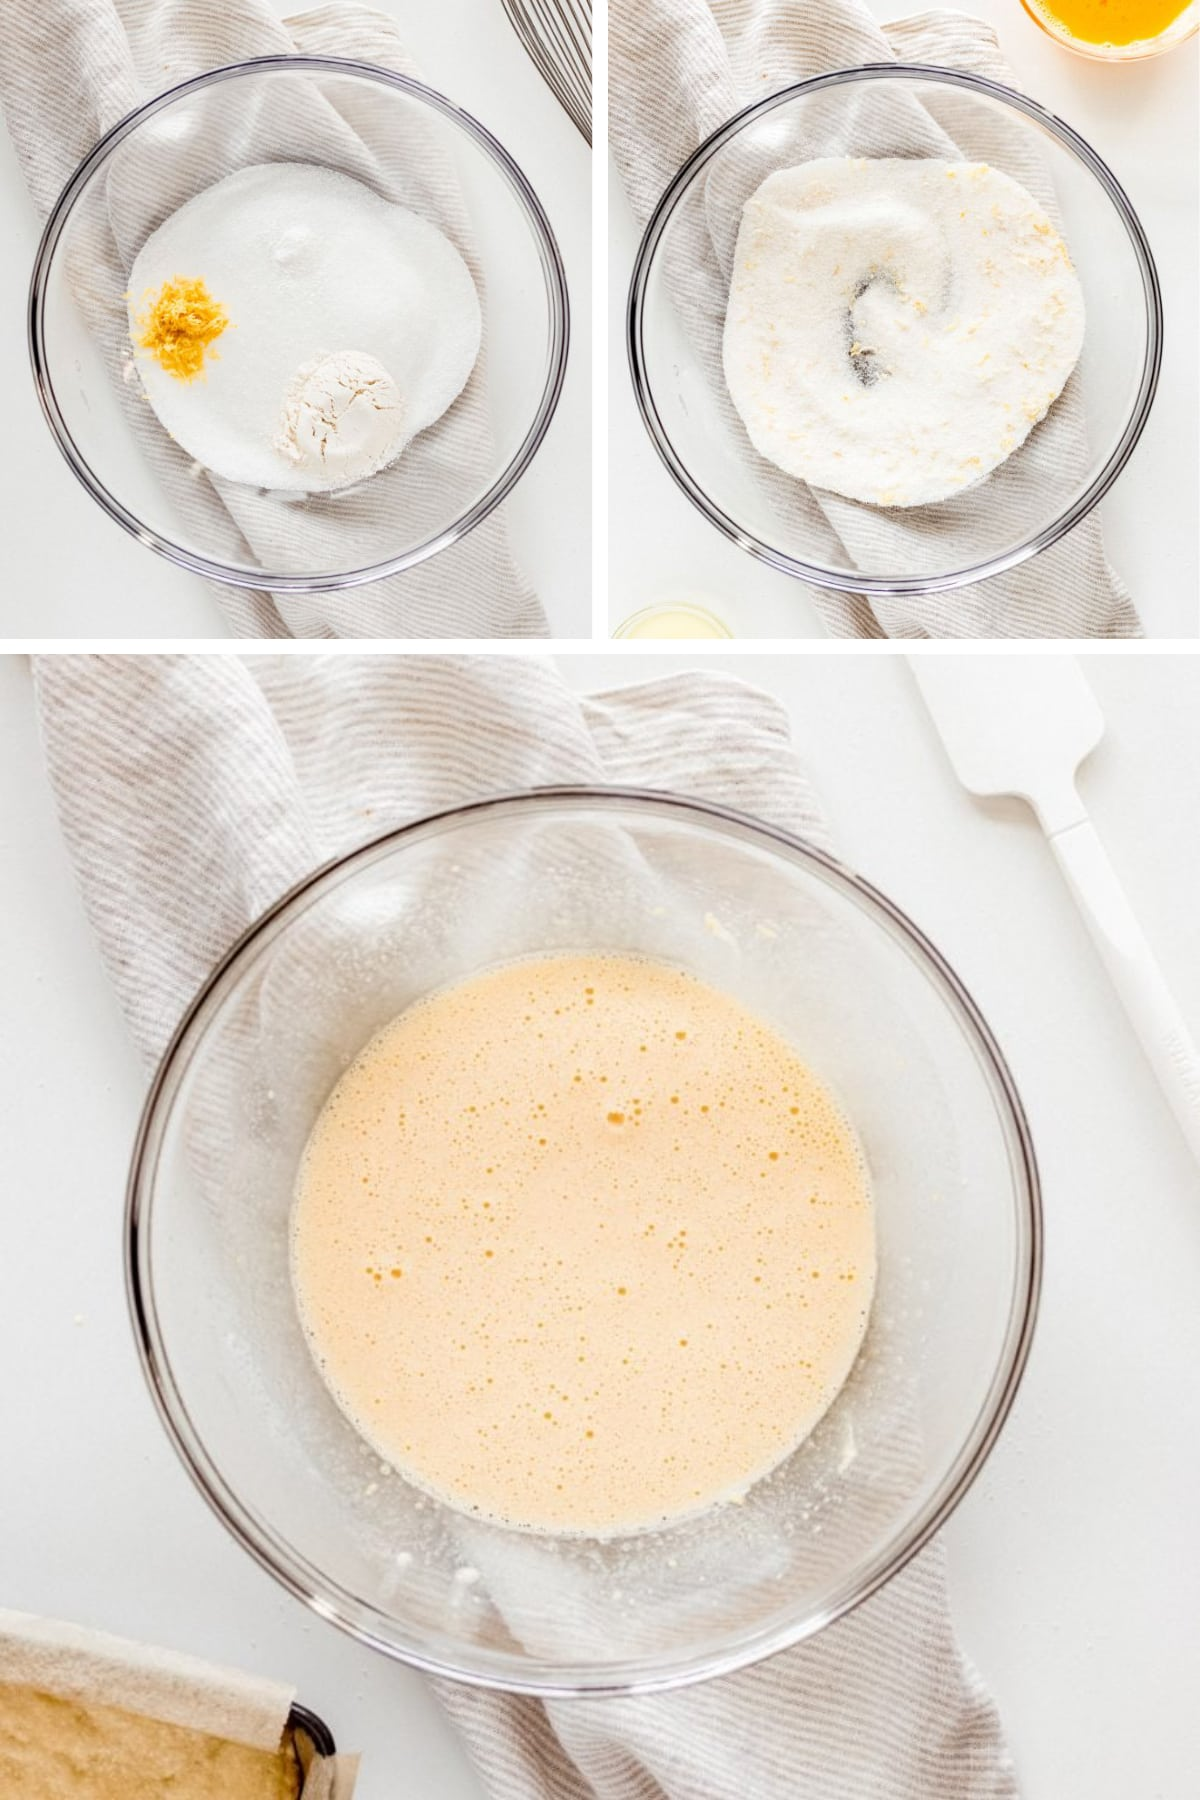 photo collage demonstrating how to make filling for lemon bars